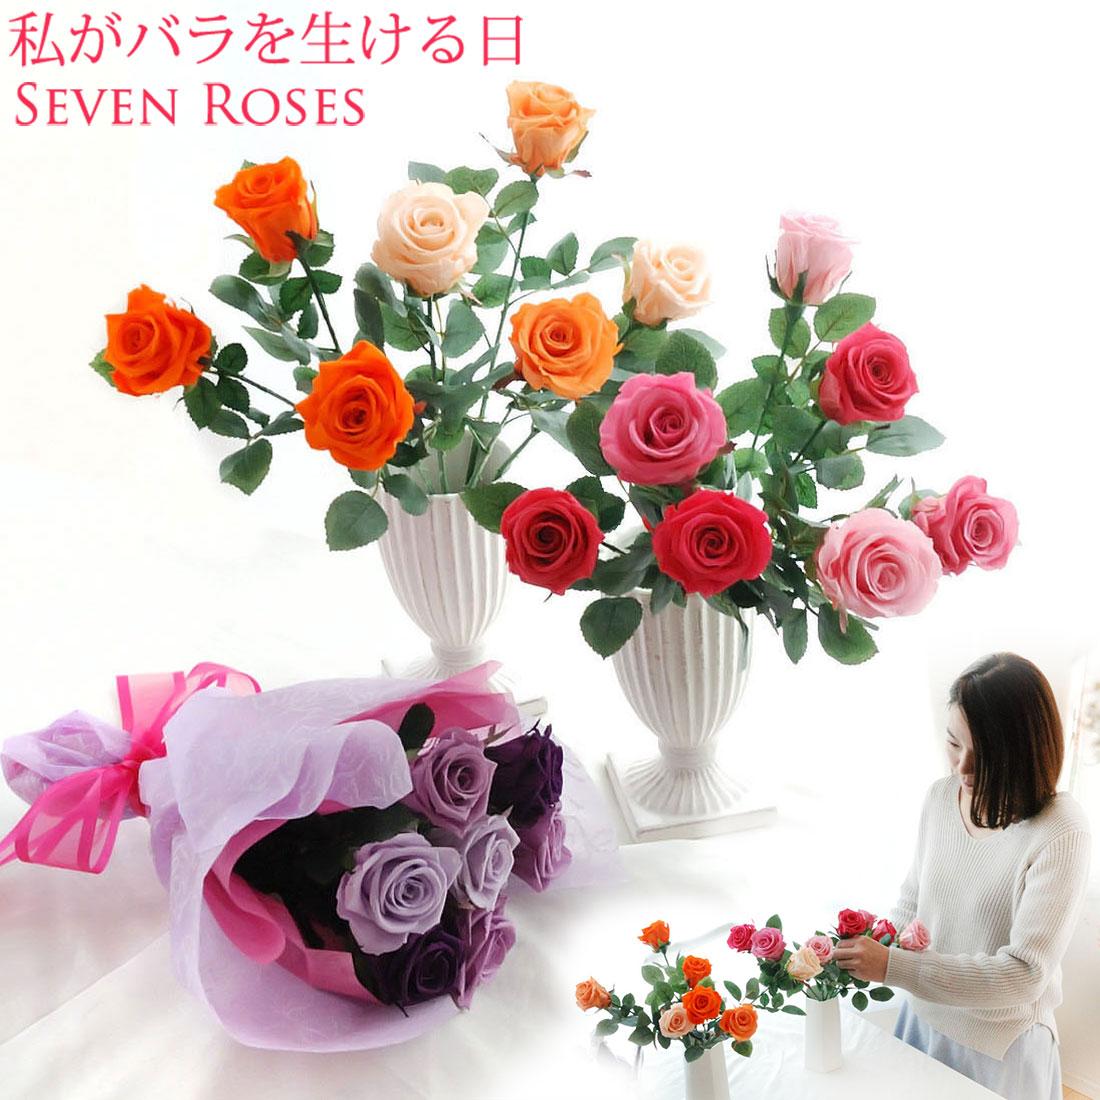 母の日 花 ギフト プレゼントプリザーブドフラワー 花束 バラの花束 『7本のバラの花束』ブリザーブドフラワー 彼女の誕生日祝いや結婚祝い、還暦祝いなど大切なギフトにはプリザのバラの花束 枯れないバラの花束